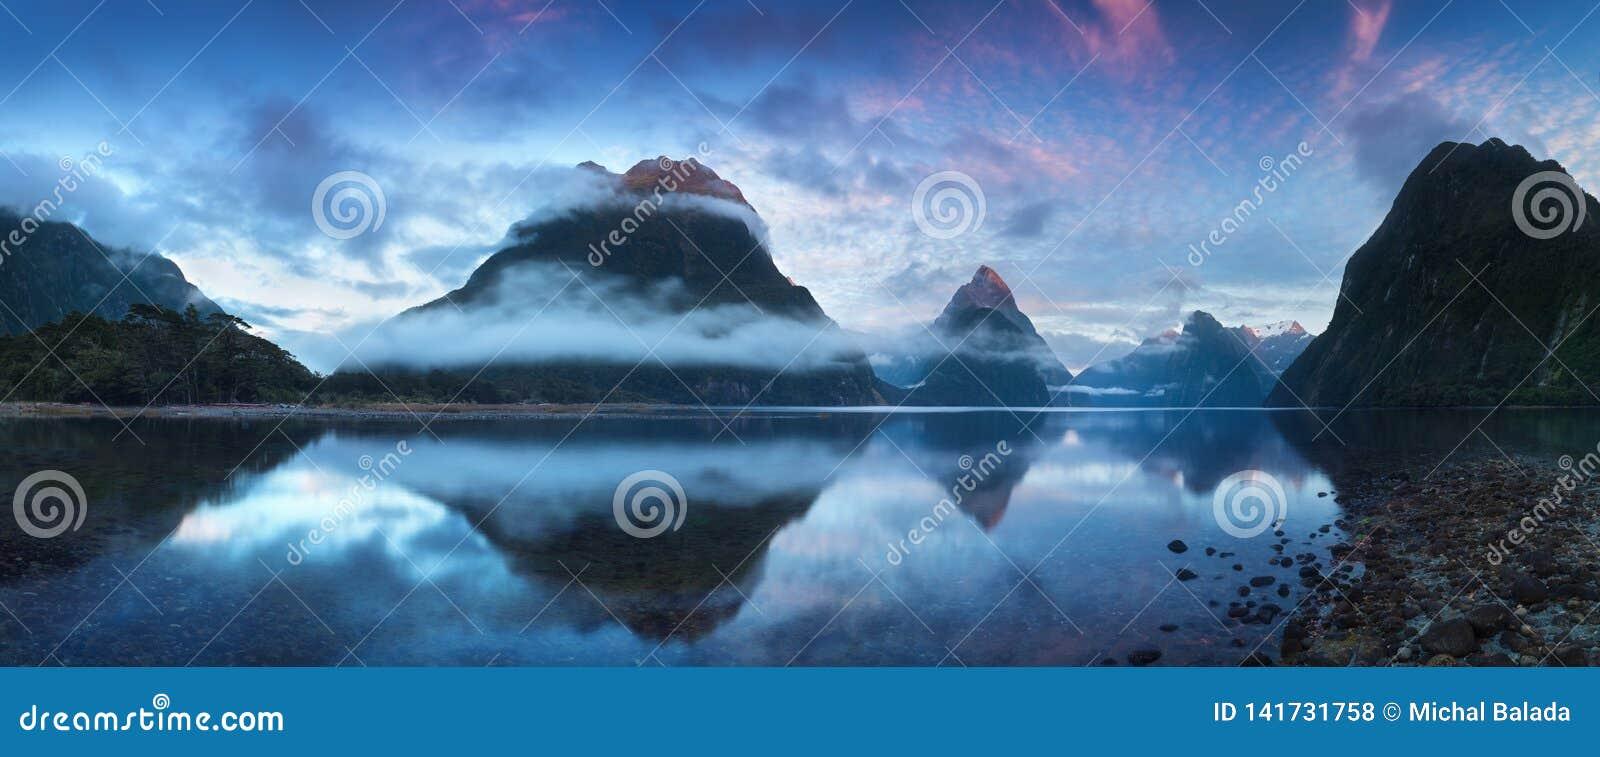 Mooie zonsopgang in Milford-Geluid, Nieuw Zeeland - Bewerk Piek in verstek is het iconische oriëntatiepunt van Milford-Geluid in